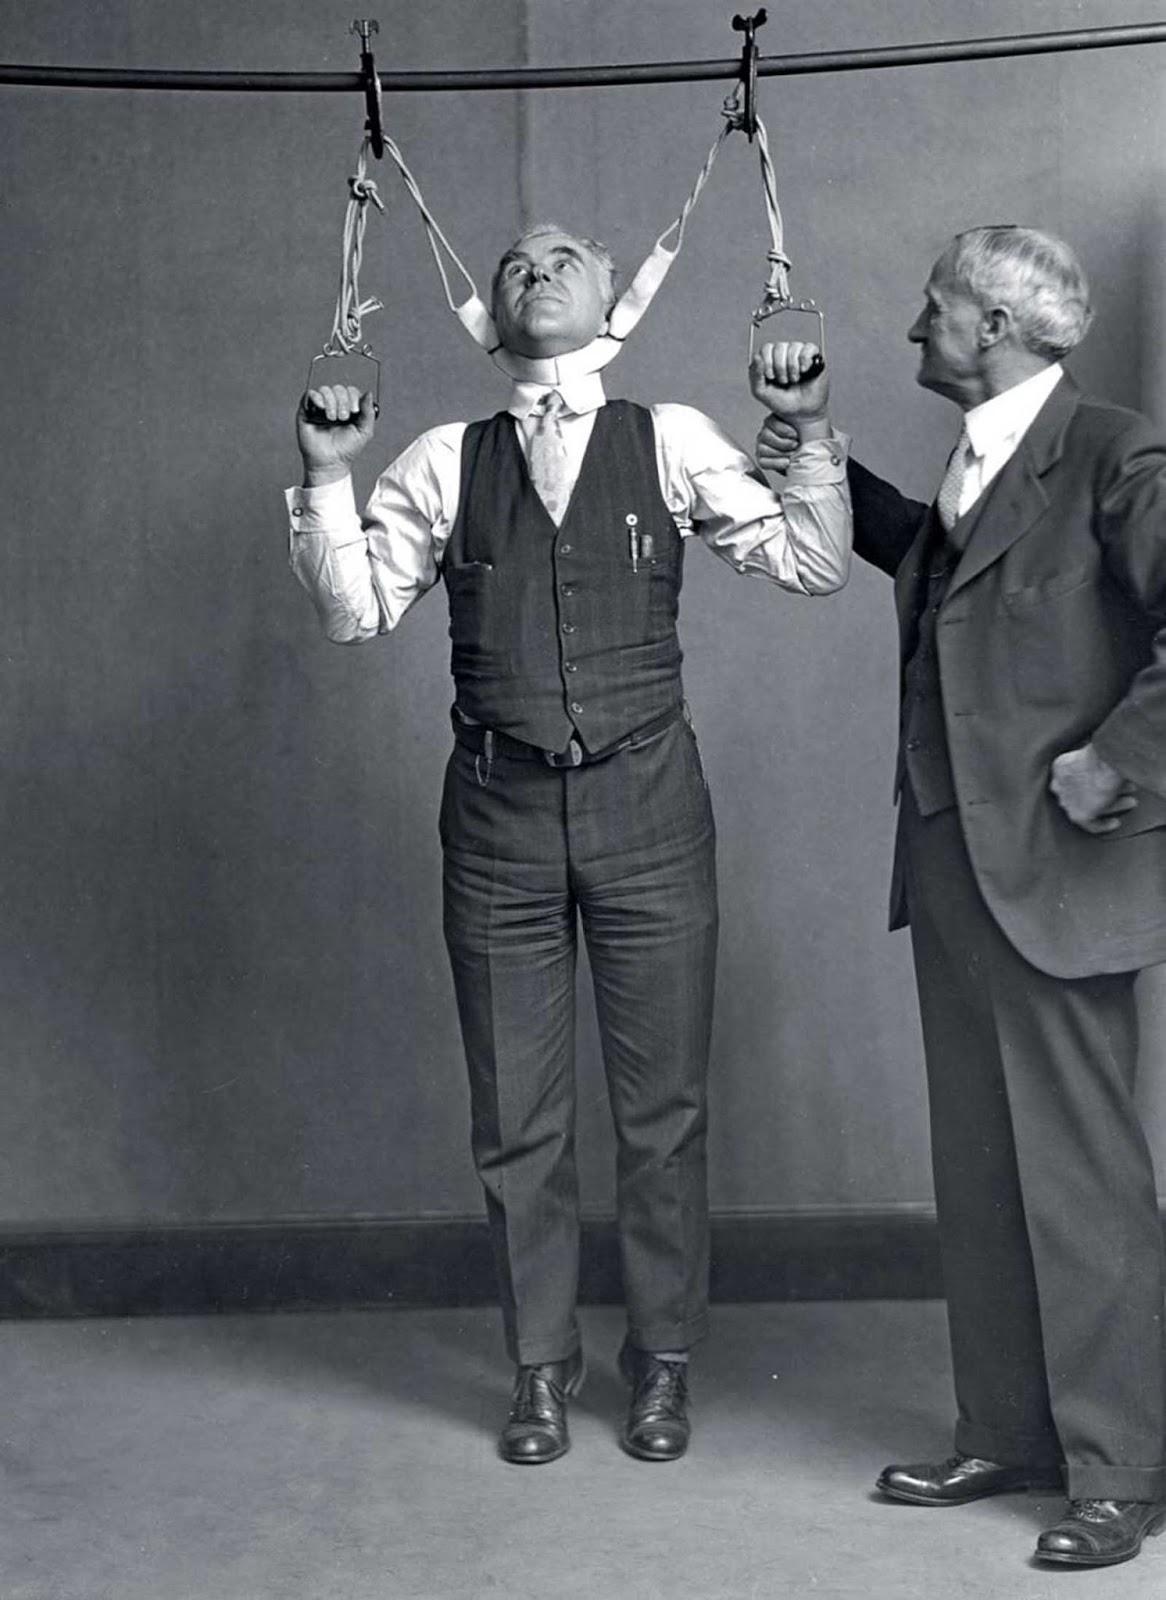 El inspector del Departamento de Correos DF Angier (izquierda) y el Dr. LF Kebler, anteriormente miembro de la Administración de Alimentos y Medicamentos, probaron un dispositivo de estiramiento que afirmaba aumentar la altura de 2 a 6 pulgadas, 1931.